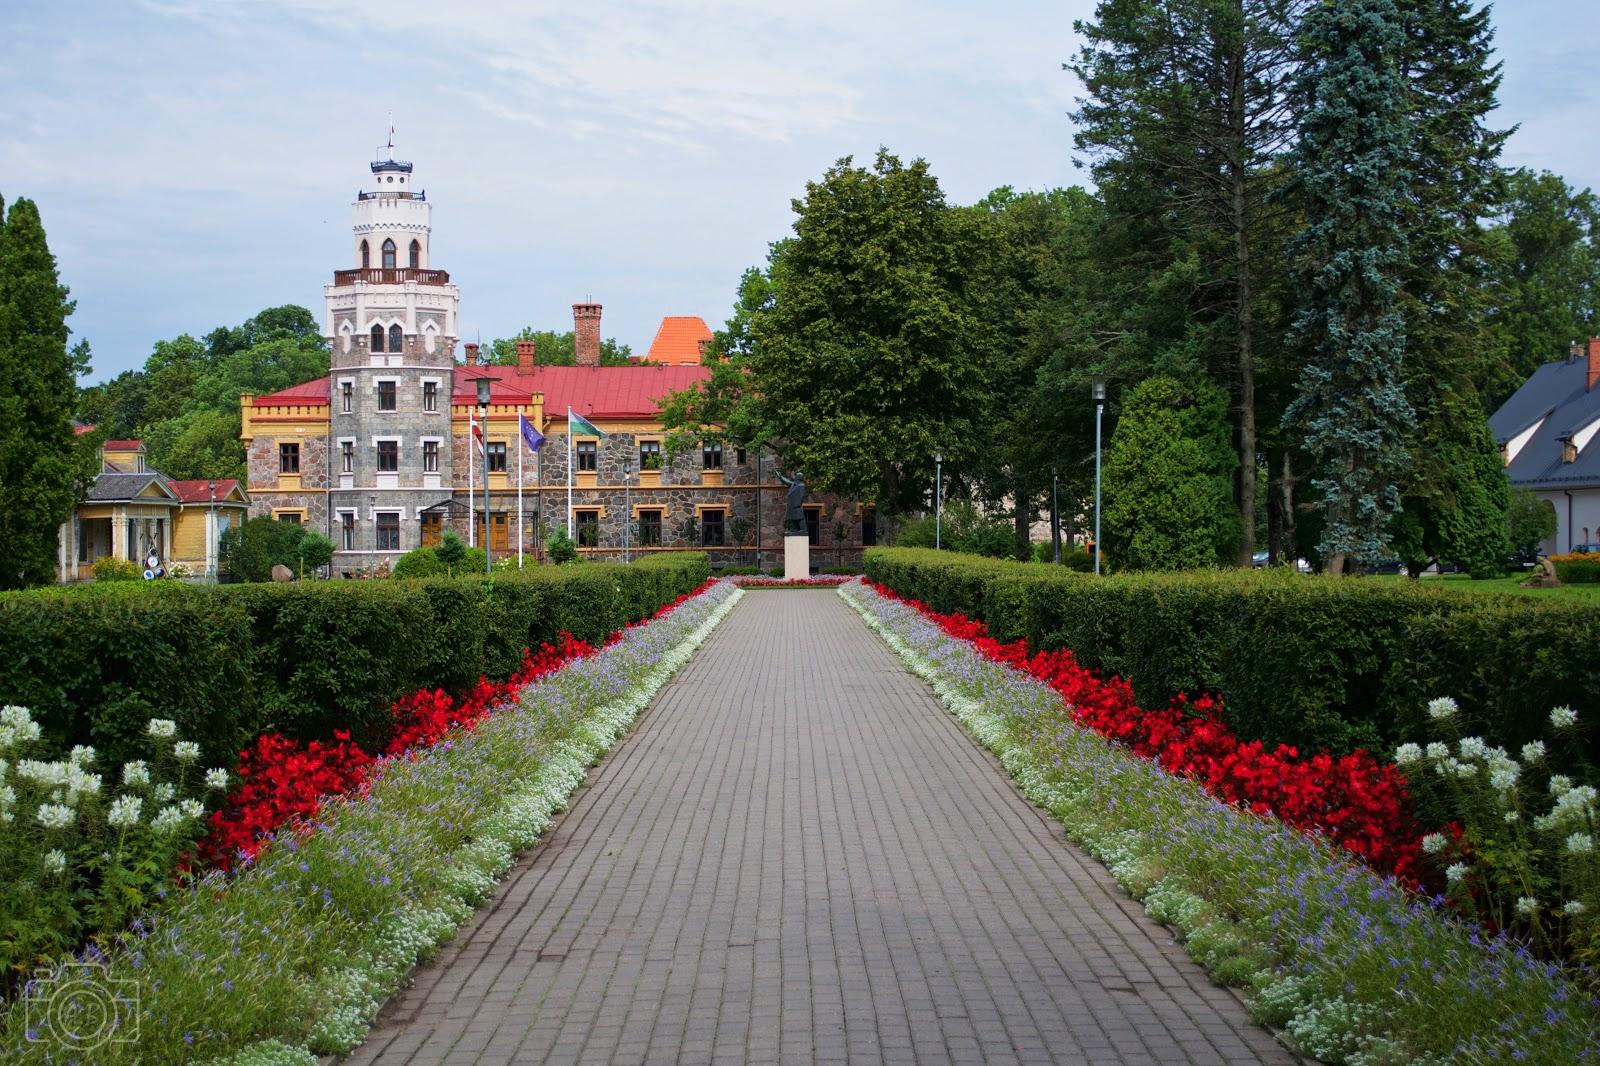 Nouveau château de Sigulda photographie carnet voyage Nikon D3100